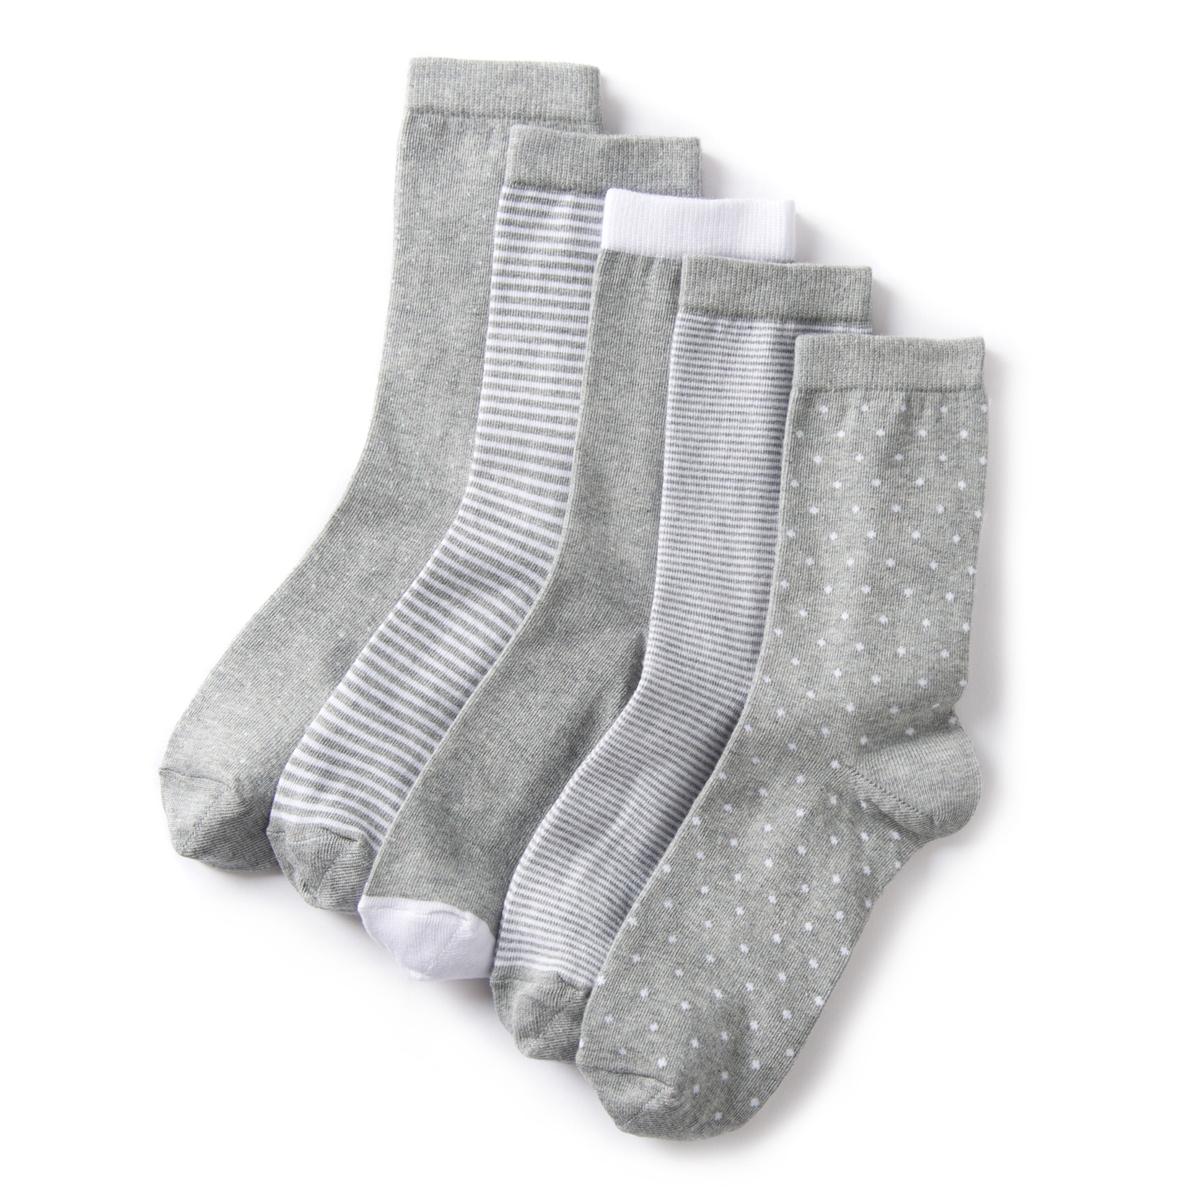 Комплект из 5 коротких оригинальных носков комплект из 5 пар коротких носков из хлопка